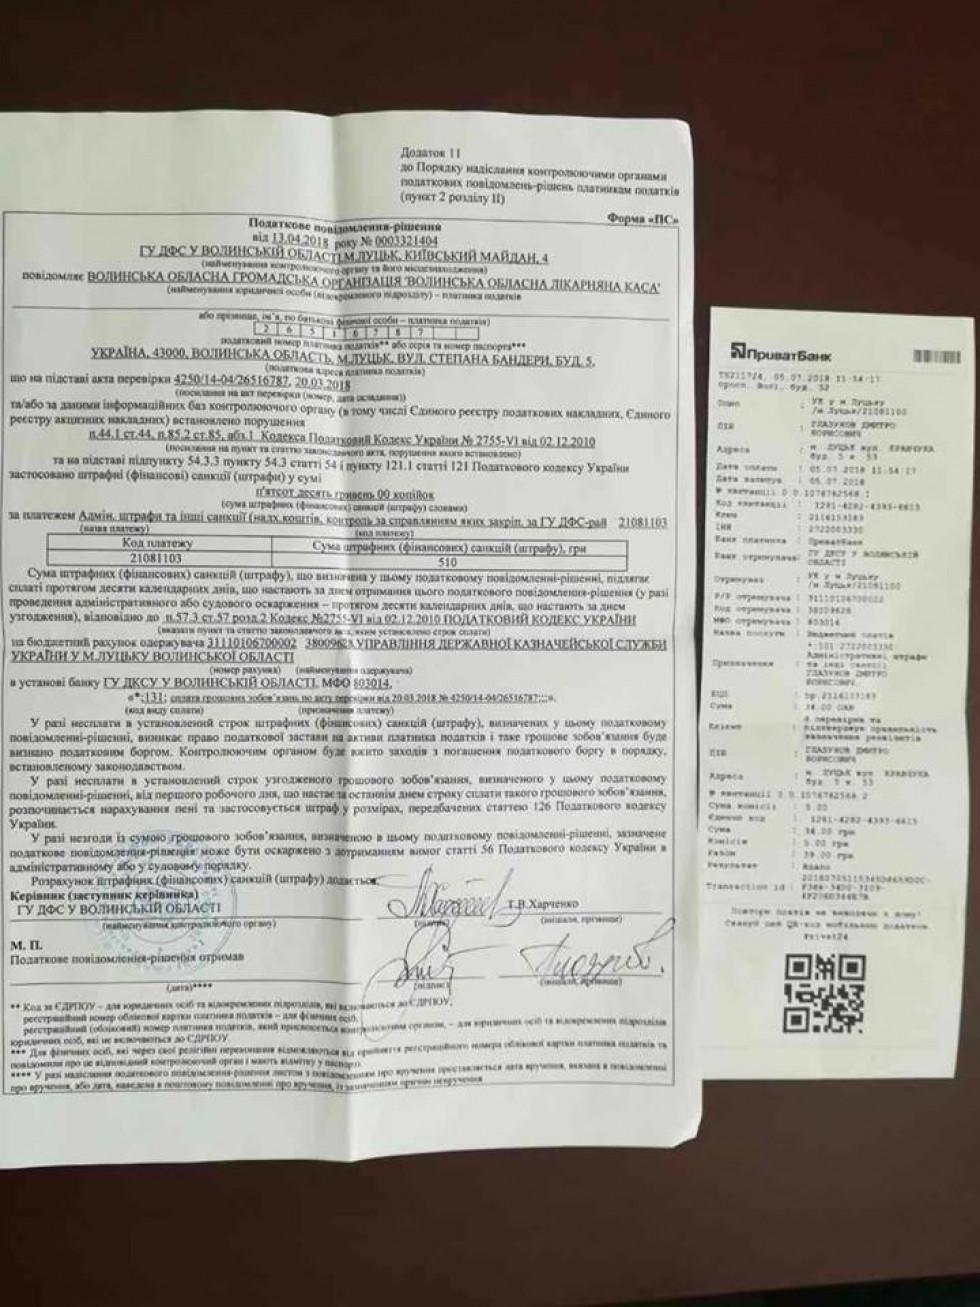 ВОЛК сплатила штраф 510 грн. Серйозних порушень не виявили